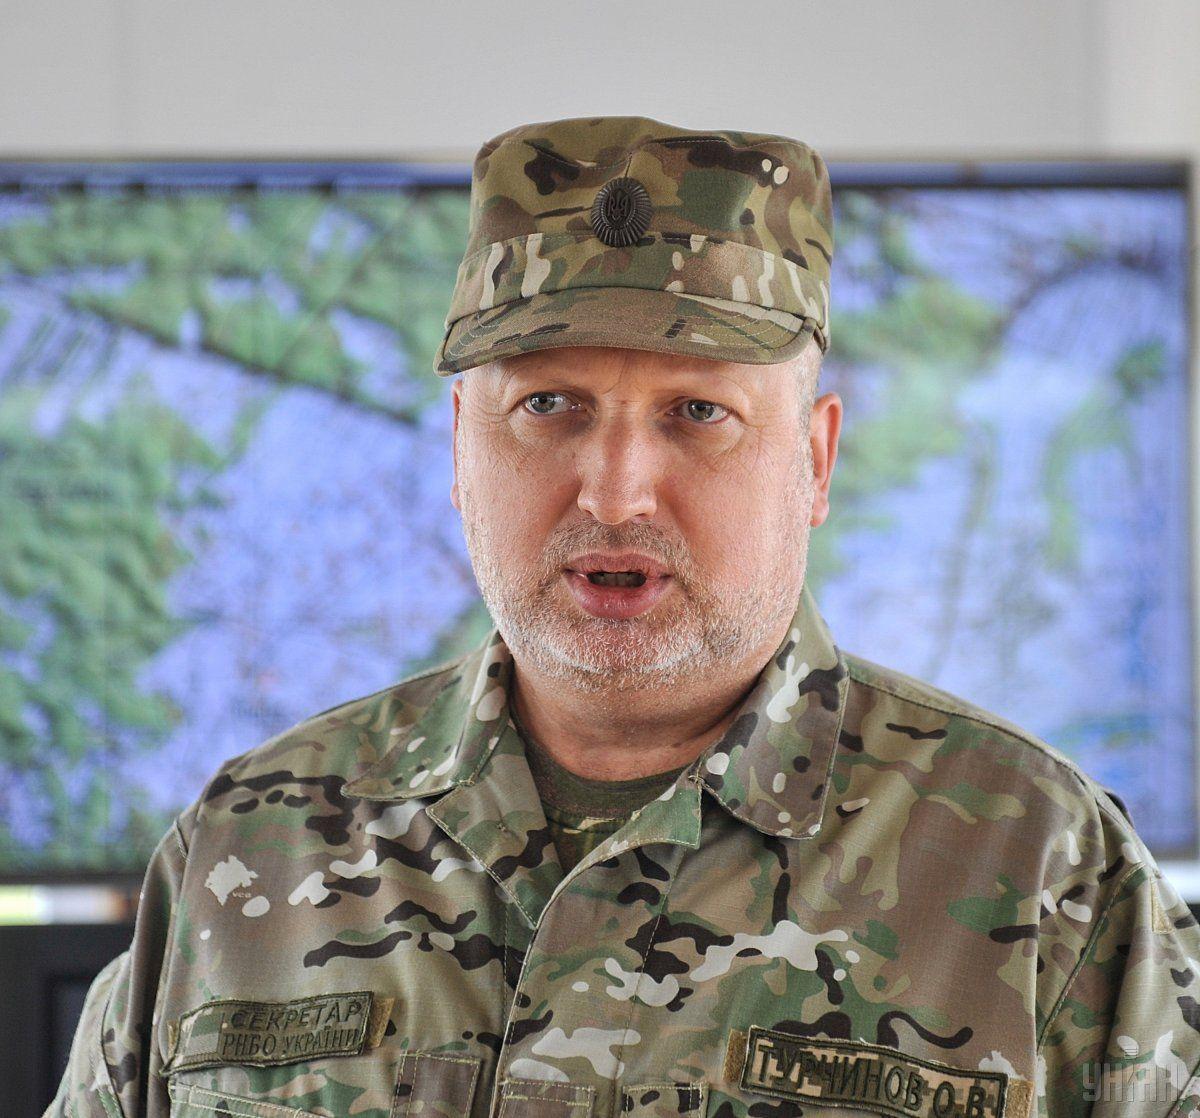 Турчинов рассказал о приближенные к украинской границе войска РФ / фото УНИАН